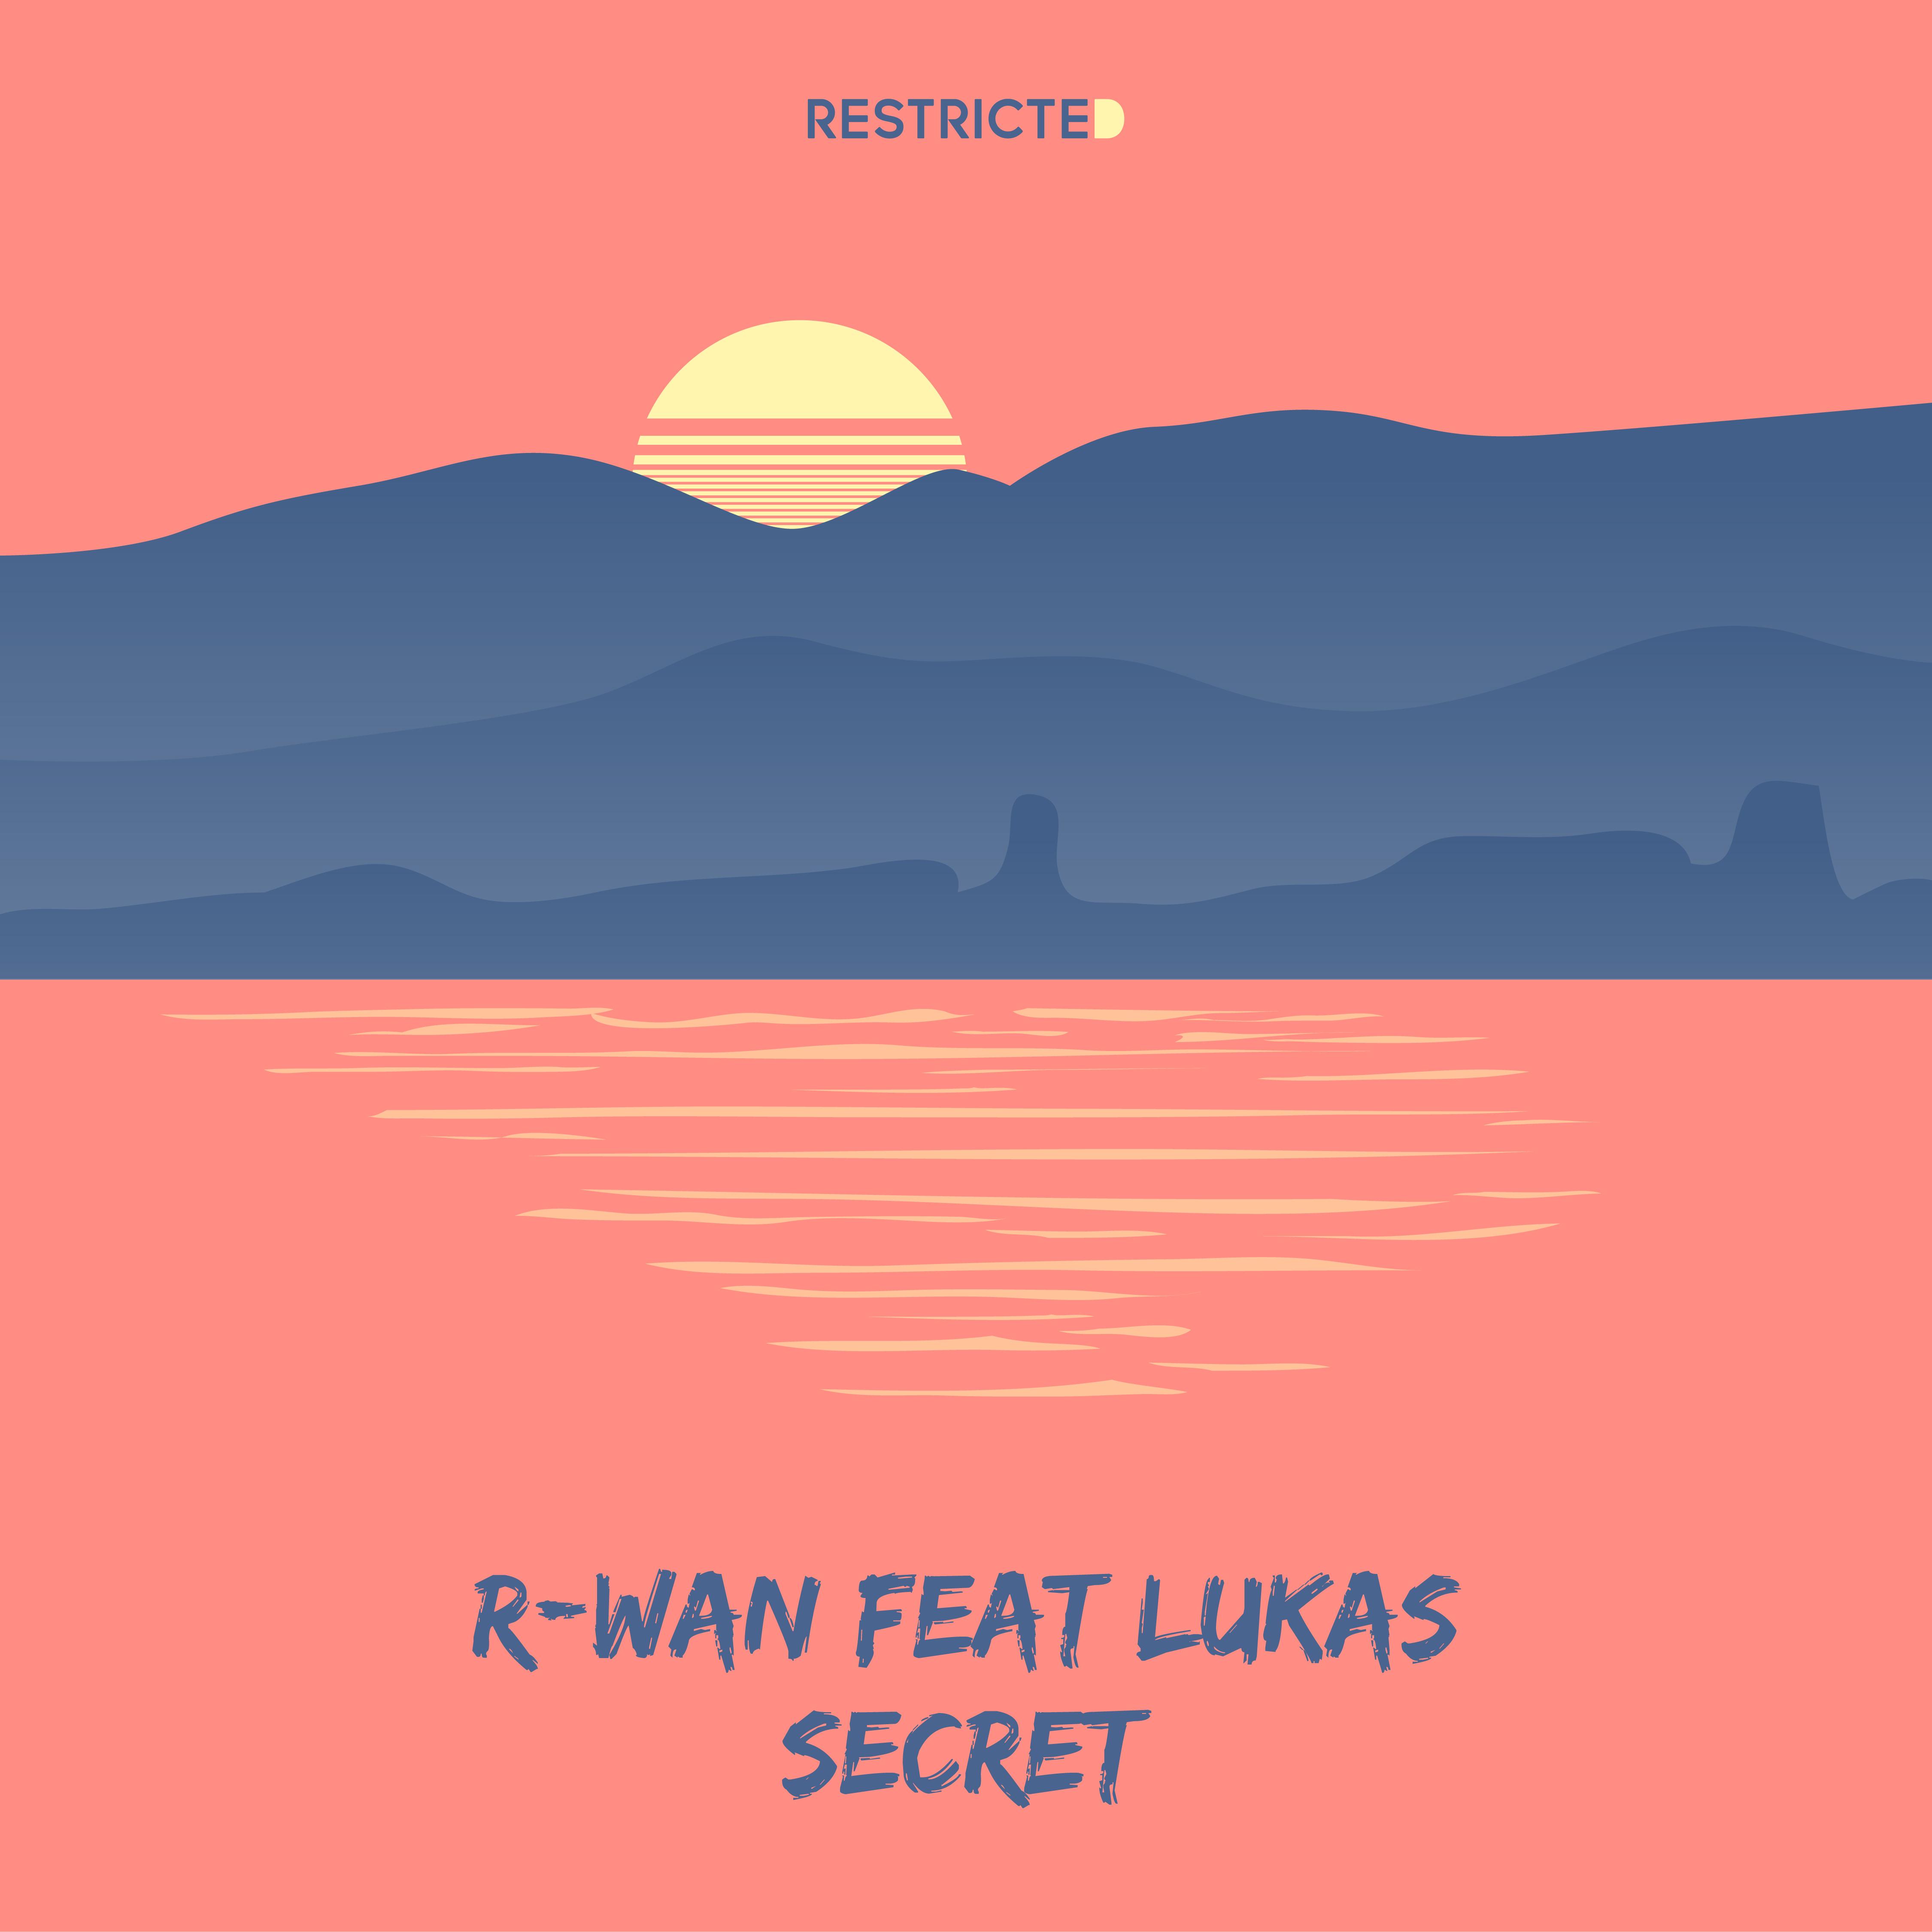 r-wan_feat_lukas_-_secret_restricted.jpg